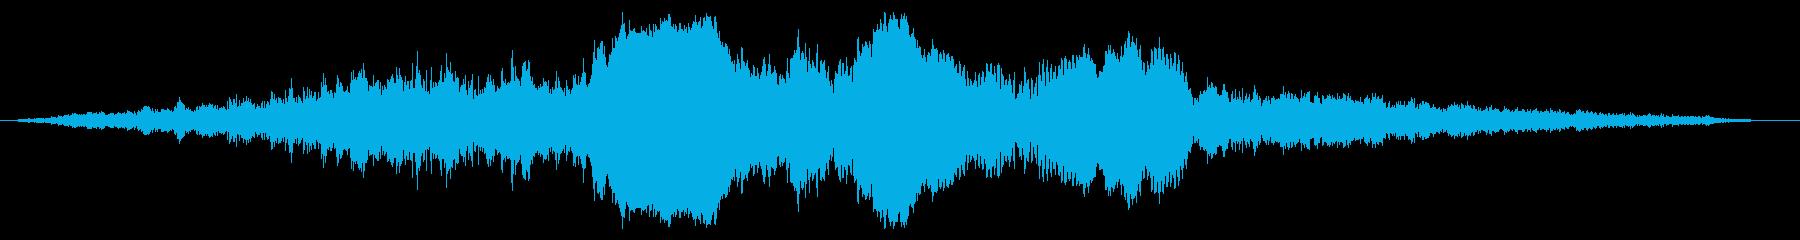 【ダークアンビエント】薄暗い黄泉の国_2の再生済みの波形